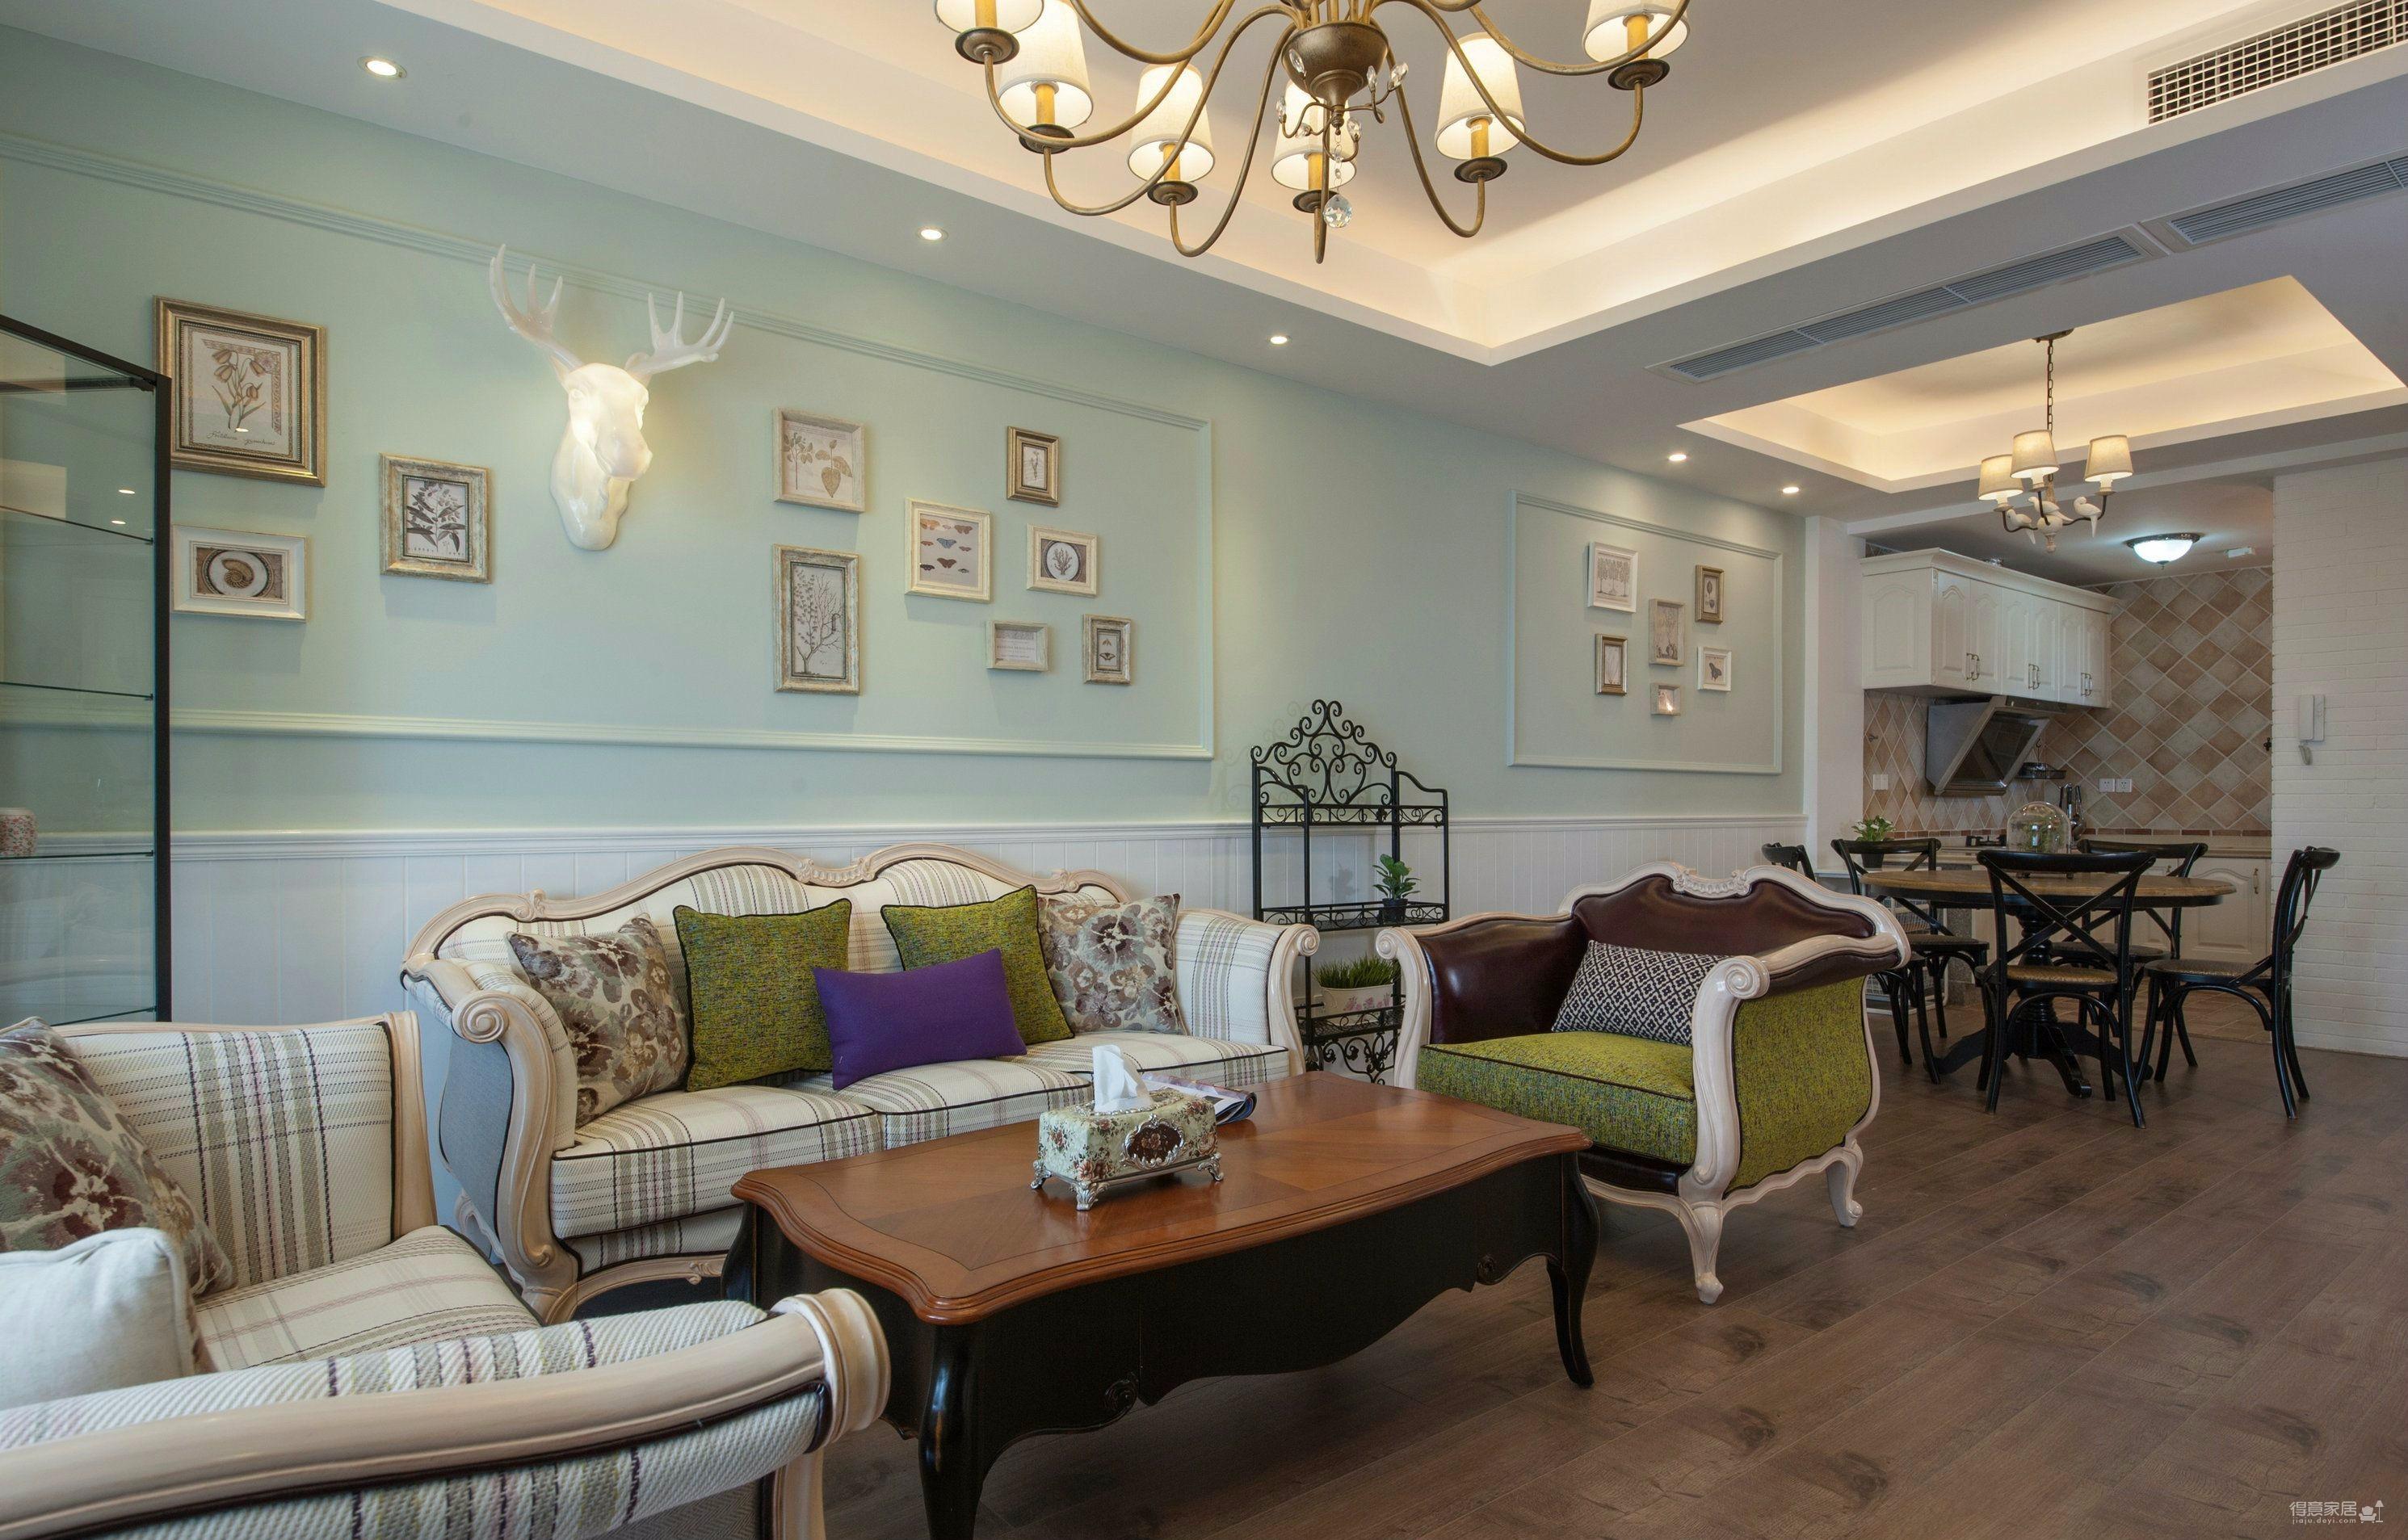 东方轻奢小美式居家风格装修效果图_得意家居装修图库